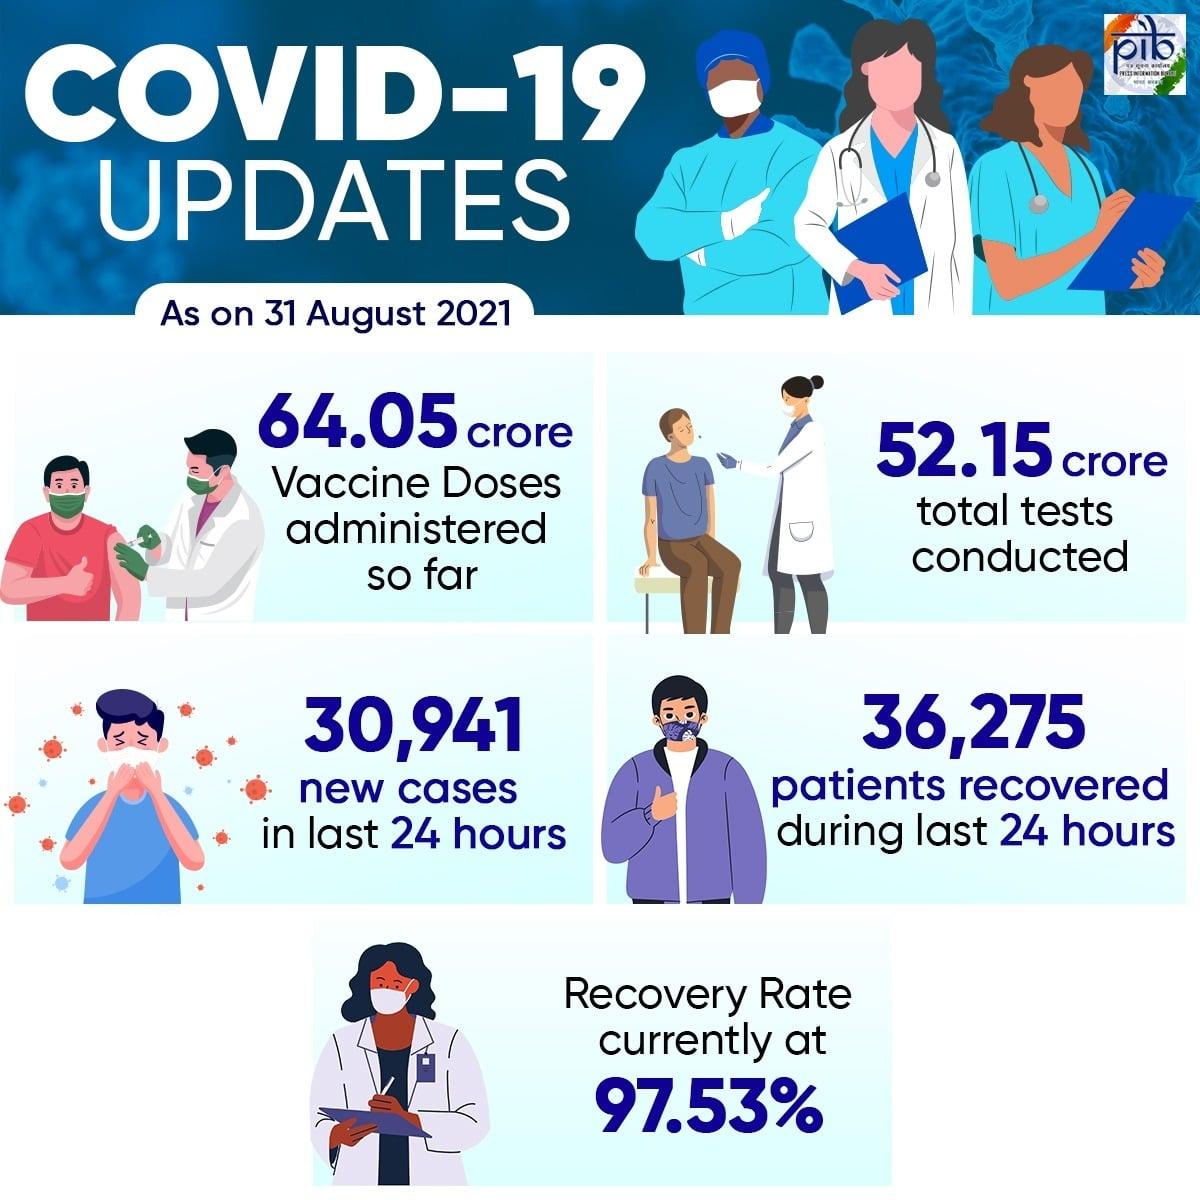 <p>COVID-19 Update.</p>